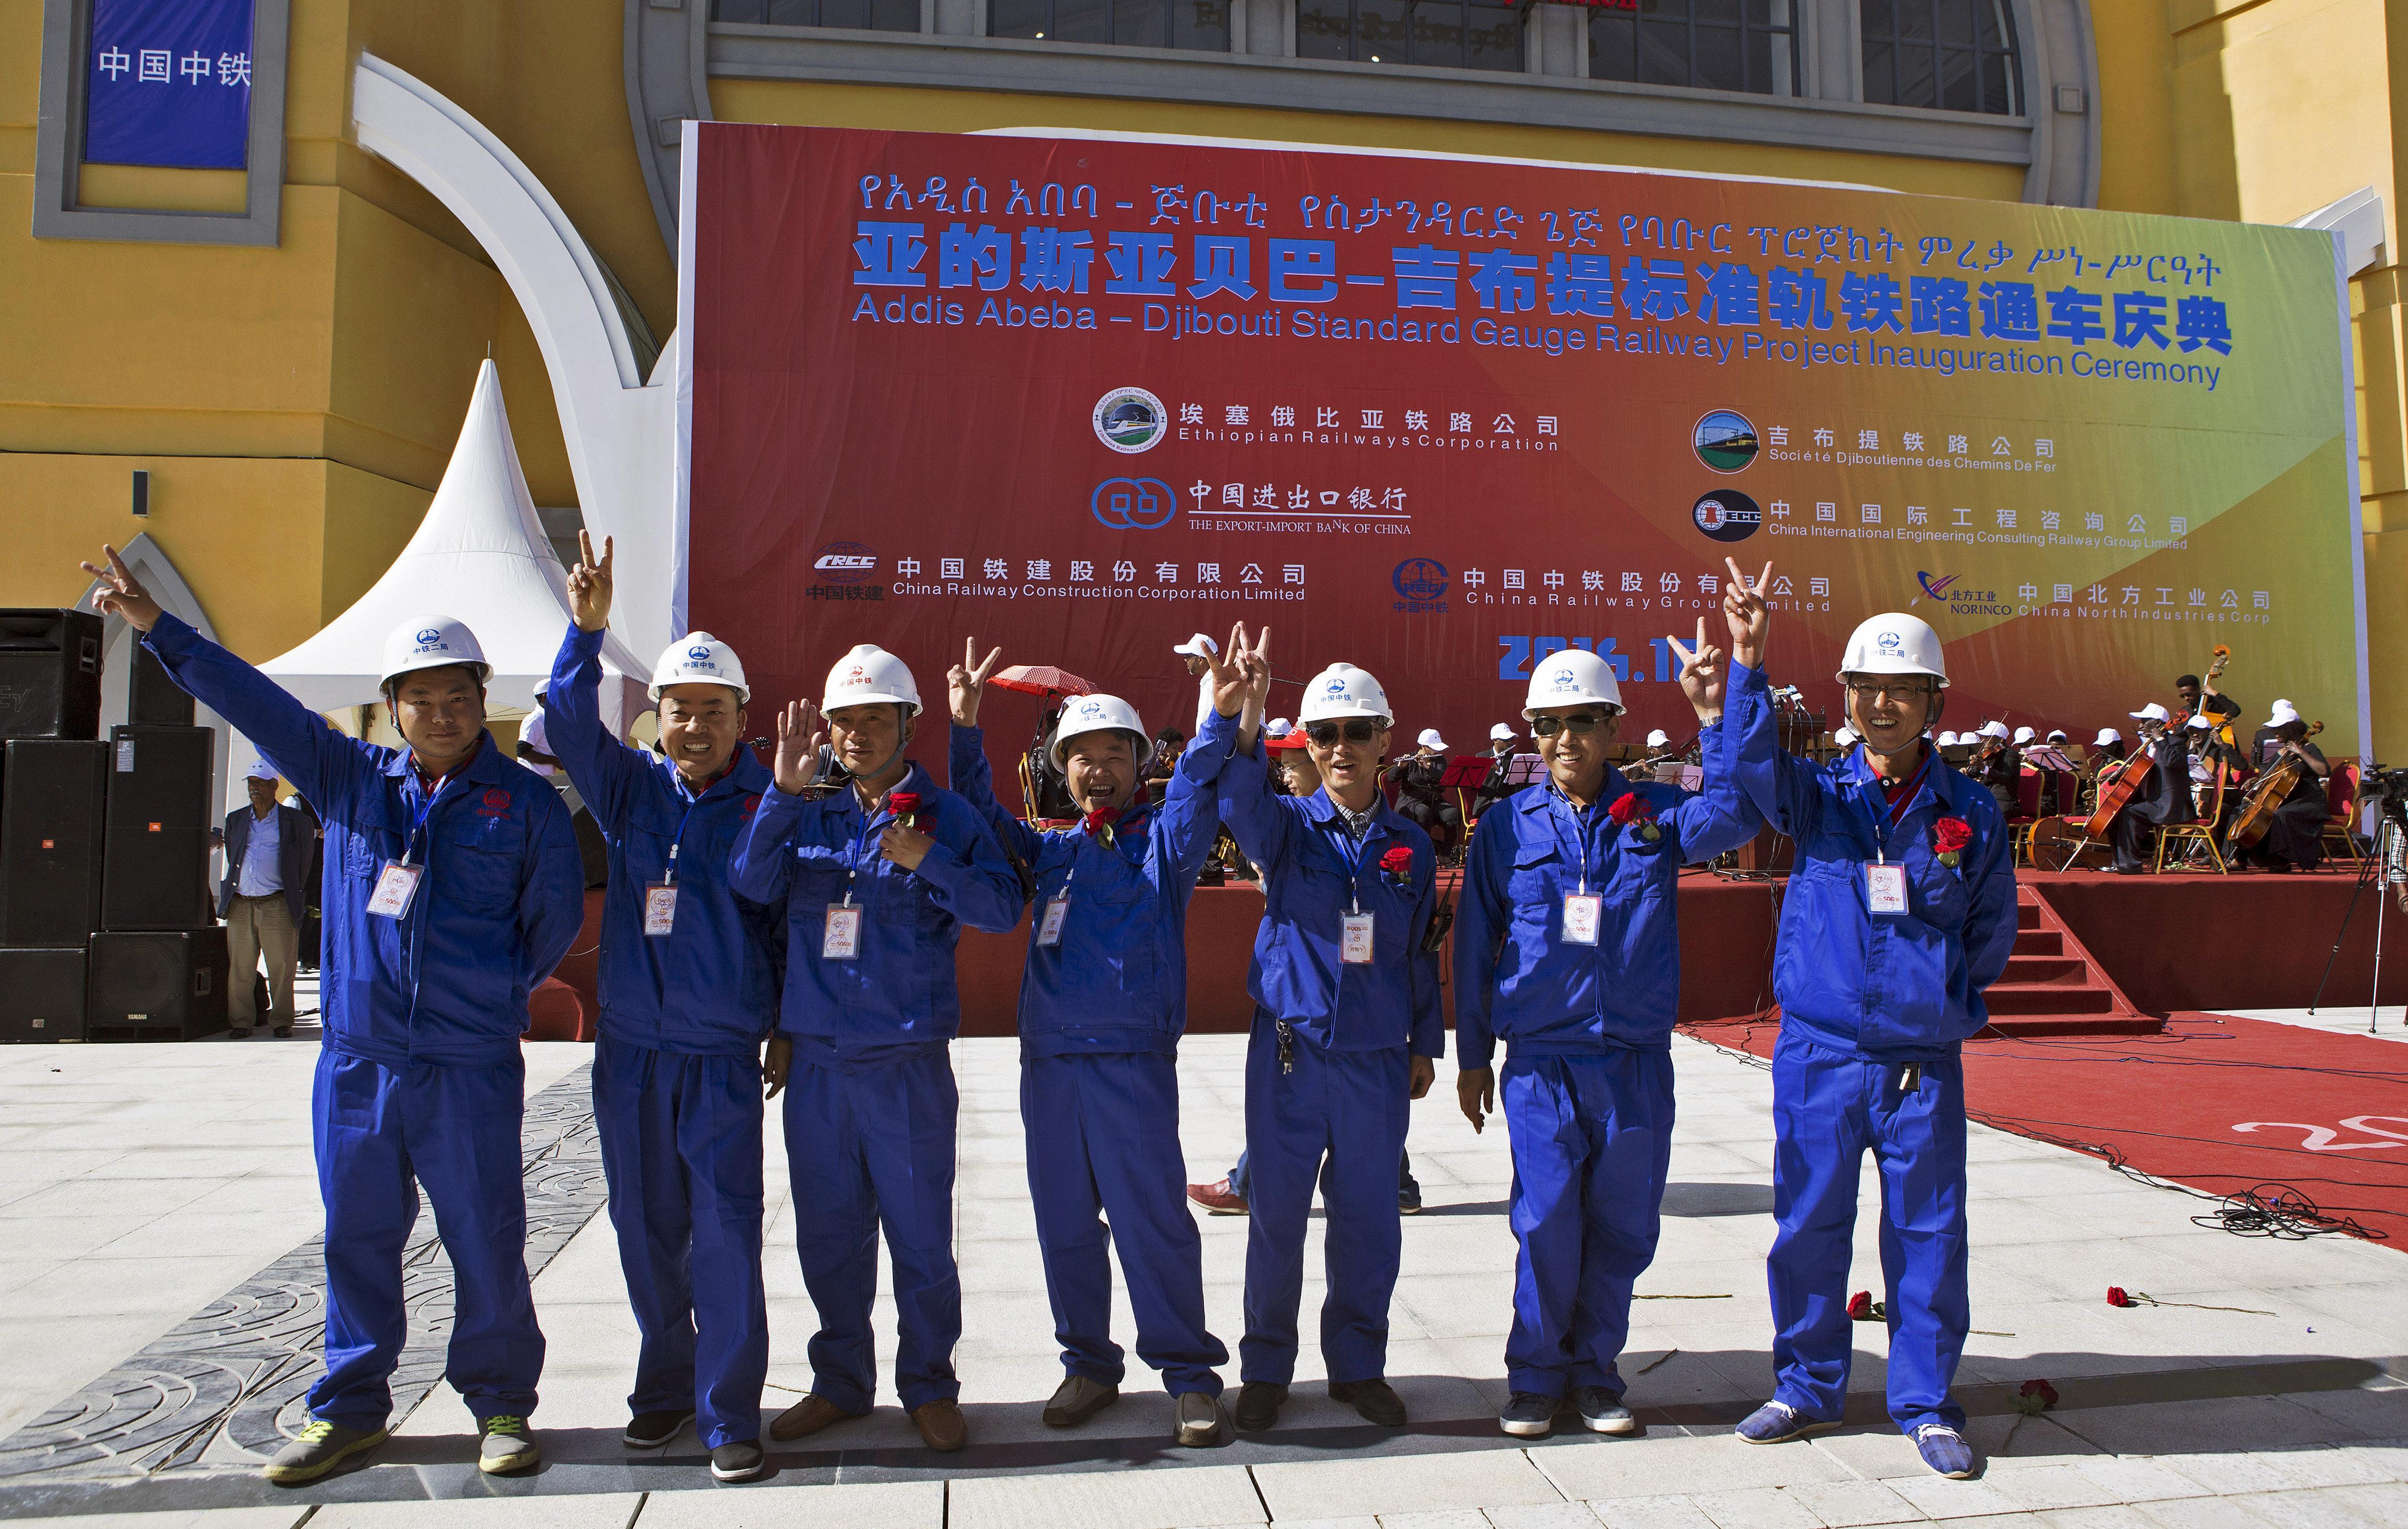 Trabajadores chinos durante la inauguración de la línea ferroviaria que une Adís Abeba, capital de Etiopía, y la ciudad de Yibuti, capital de la república del mismo nombre, 5 de octubre de 2016